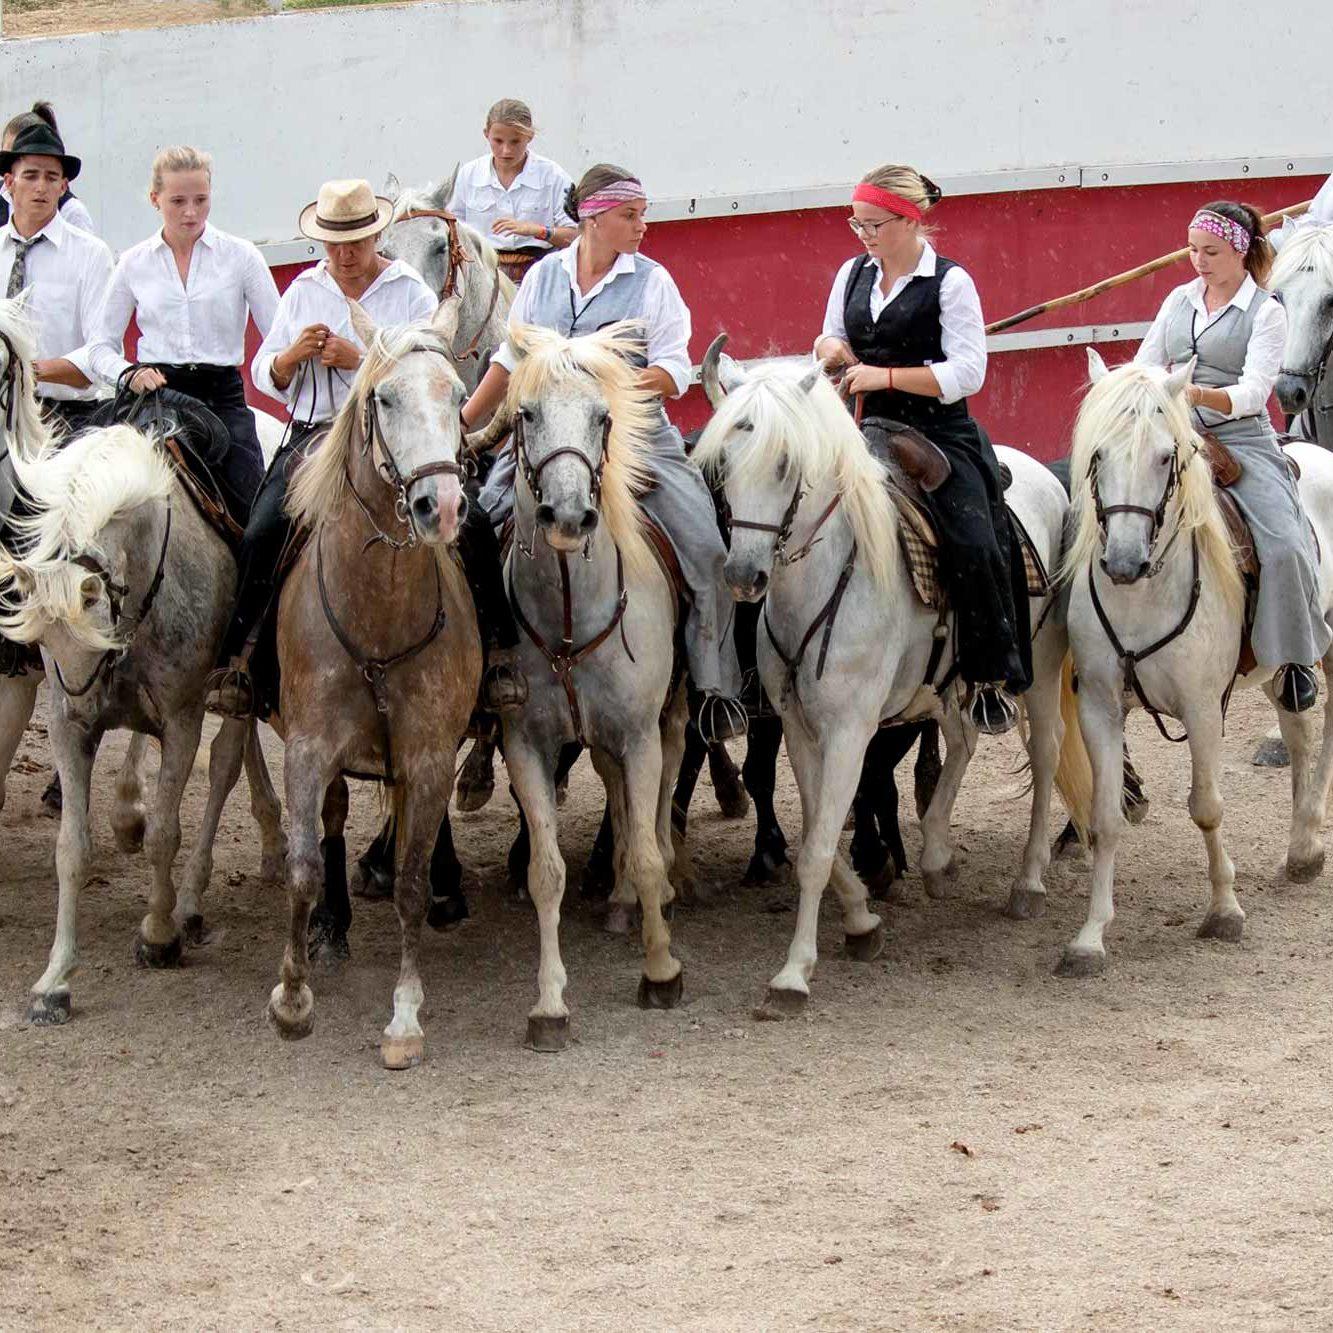 8c68aa4fbd7 domaine-fangouse-manade-elevage-taureaux-chevaux-camargue-location-